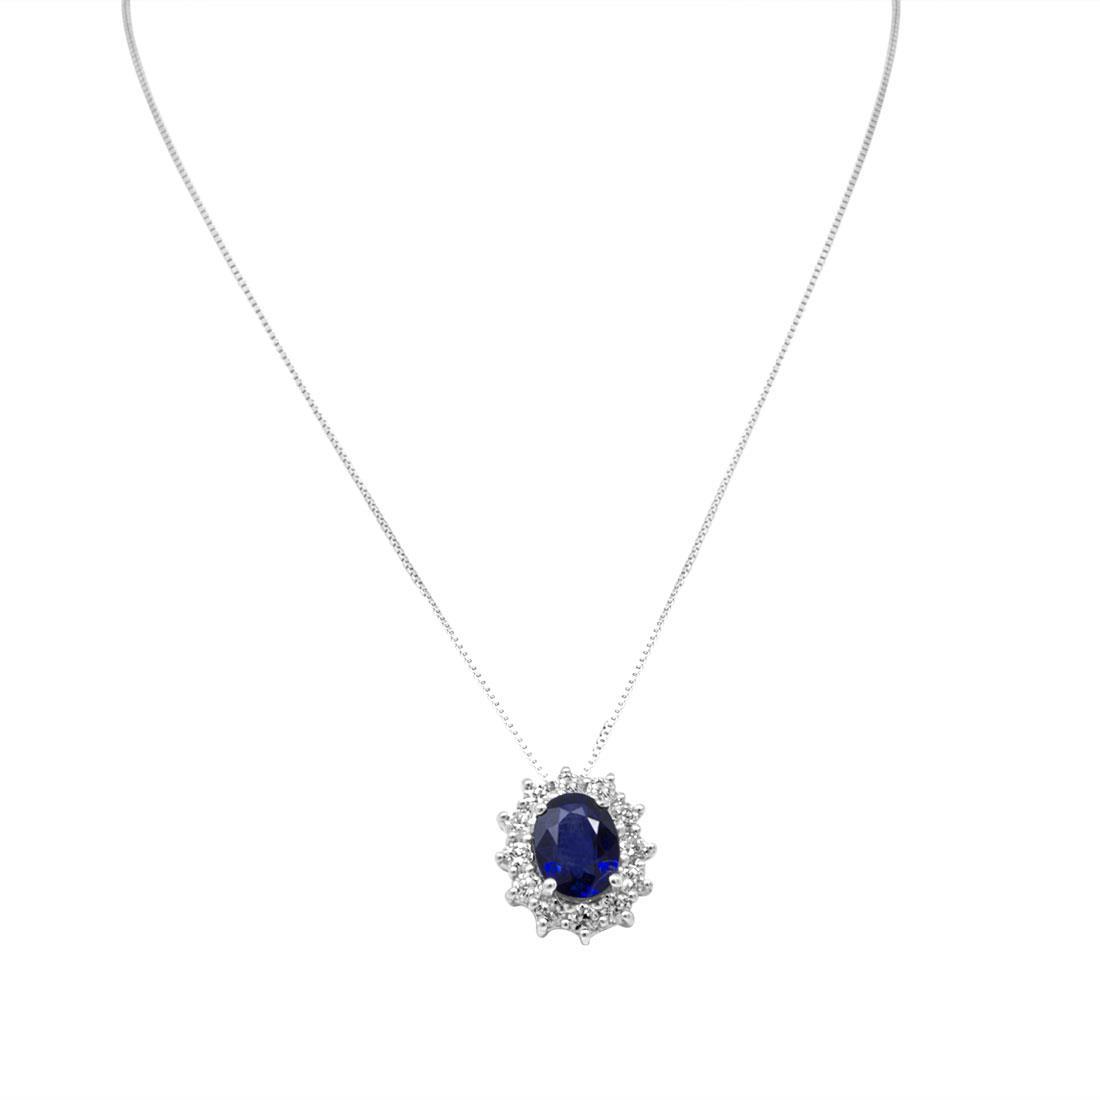 Collana in oro bianco e pendente 13mm con zaffiro ct 1.60 e diamanti ct 0.55, lunghezza 42cm - ORO&CO